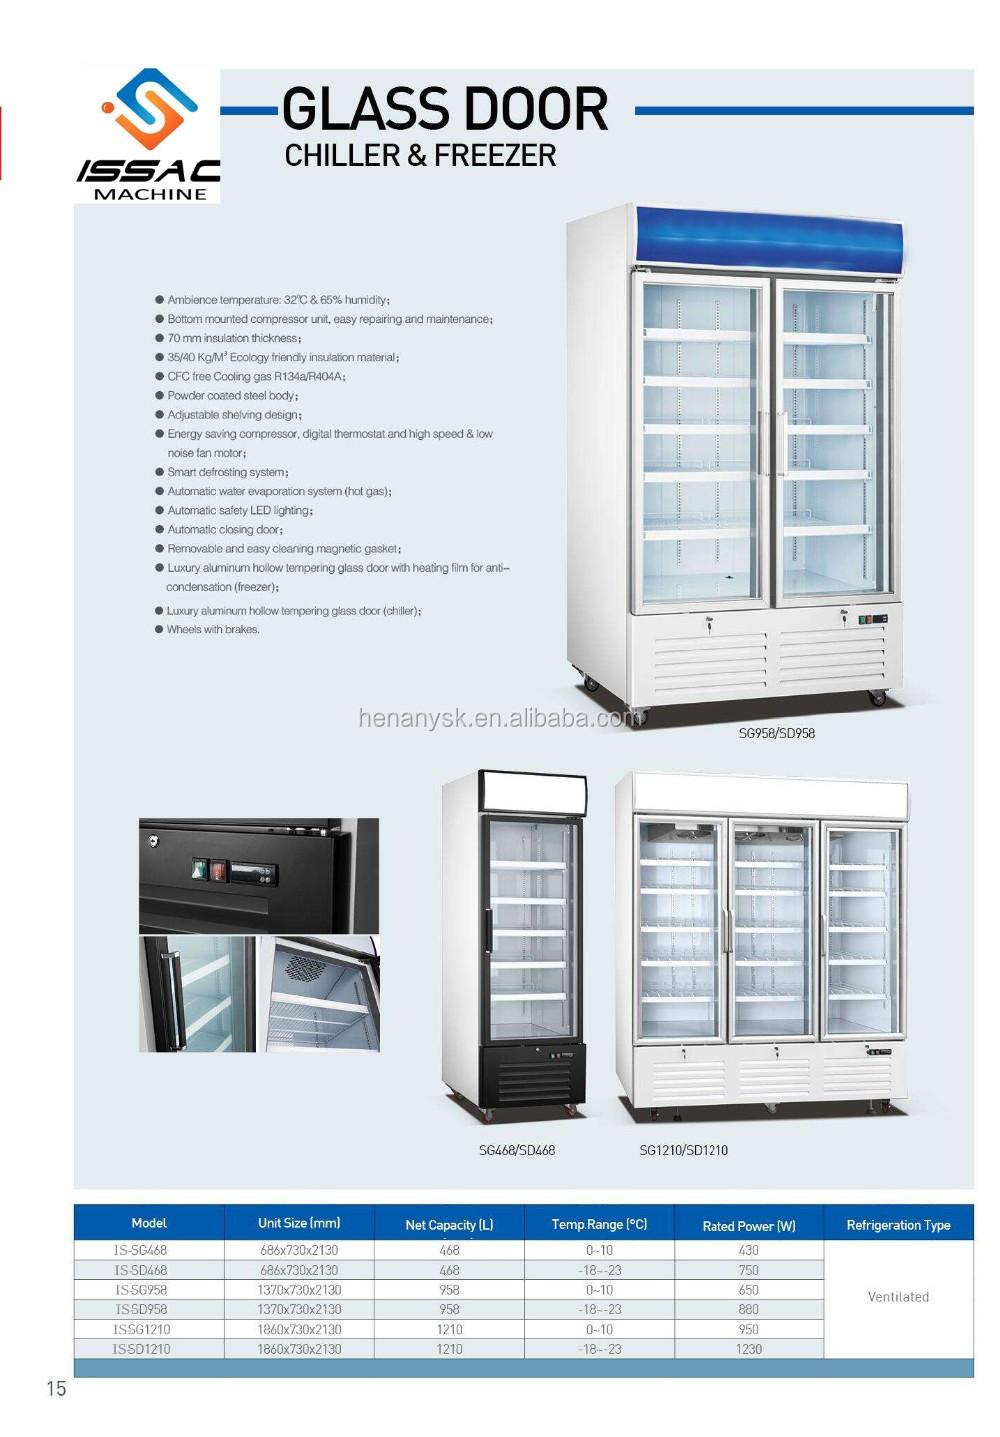 -18~-23 Upright 2 Two Glass Door Defrost Freezer